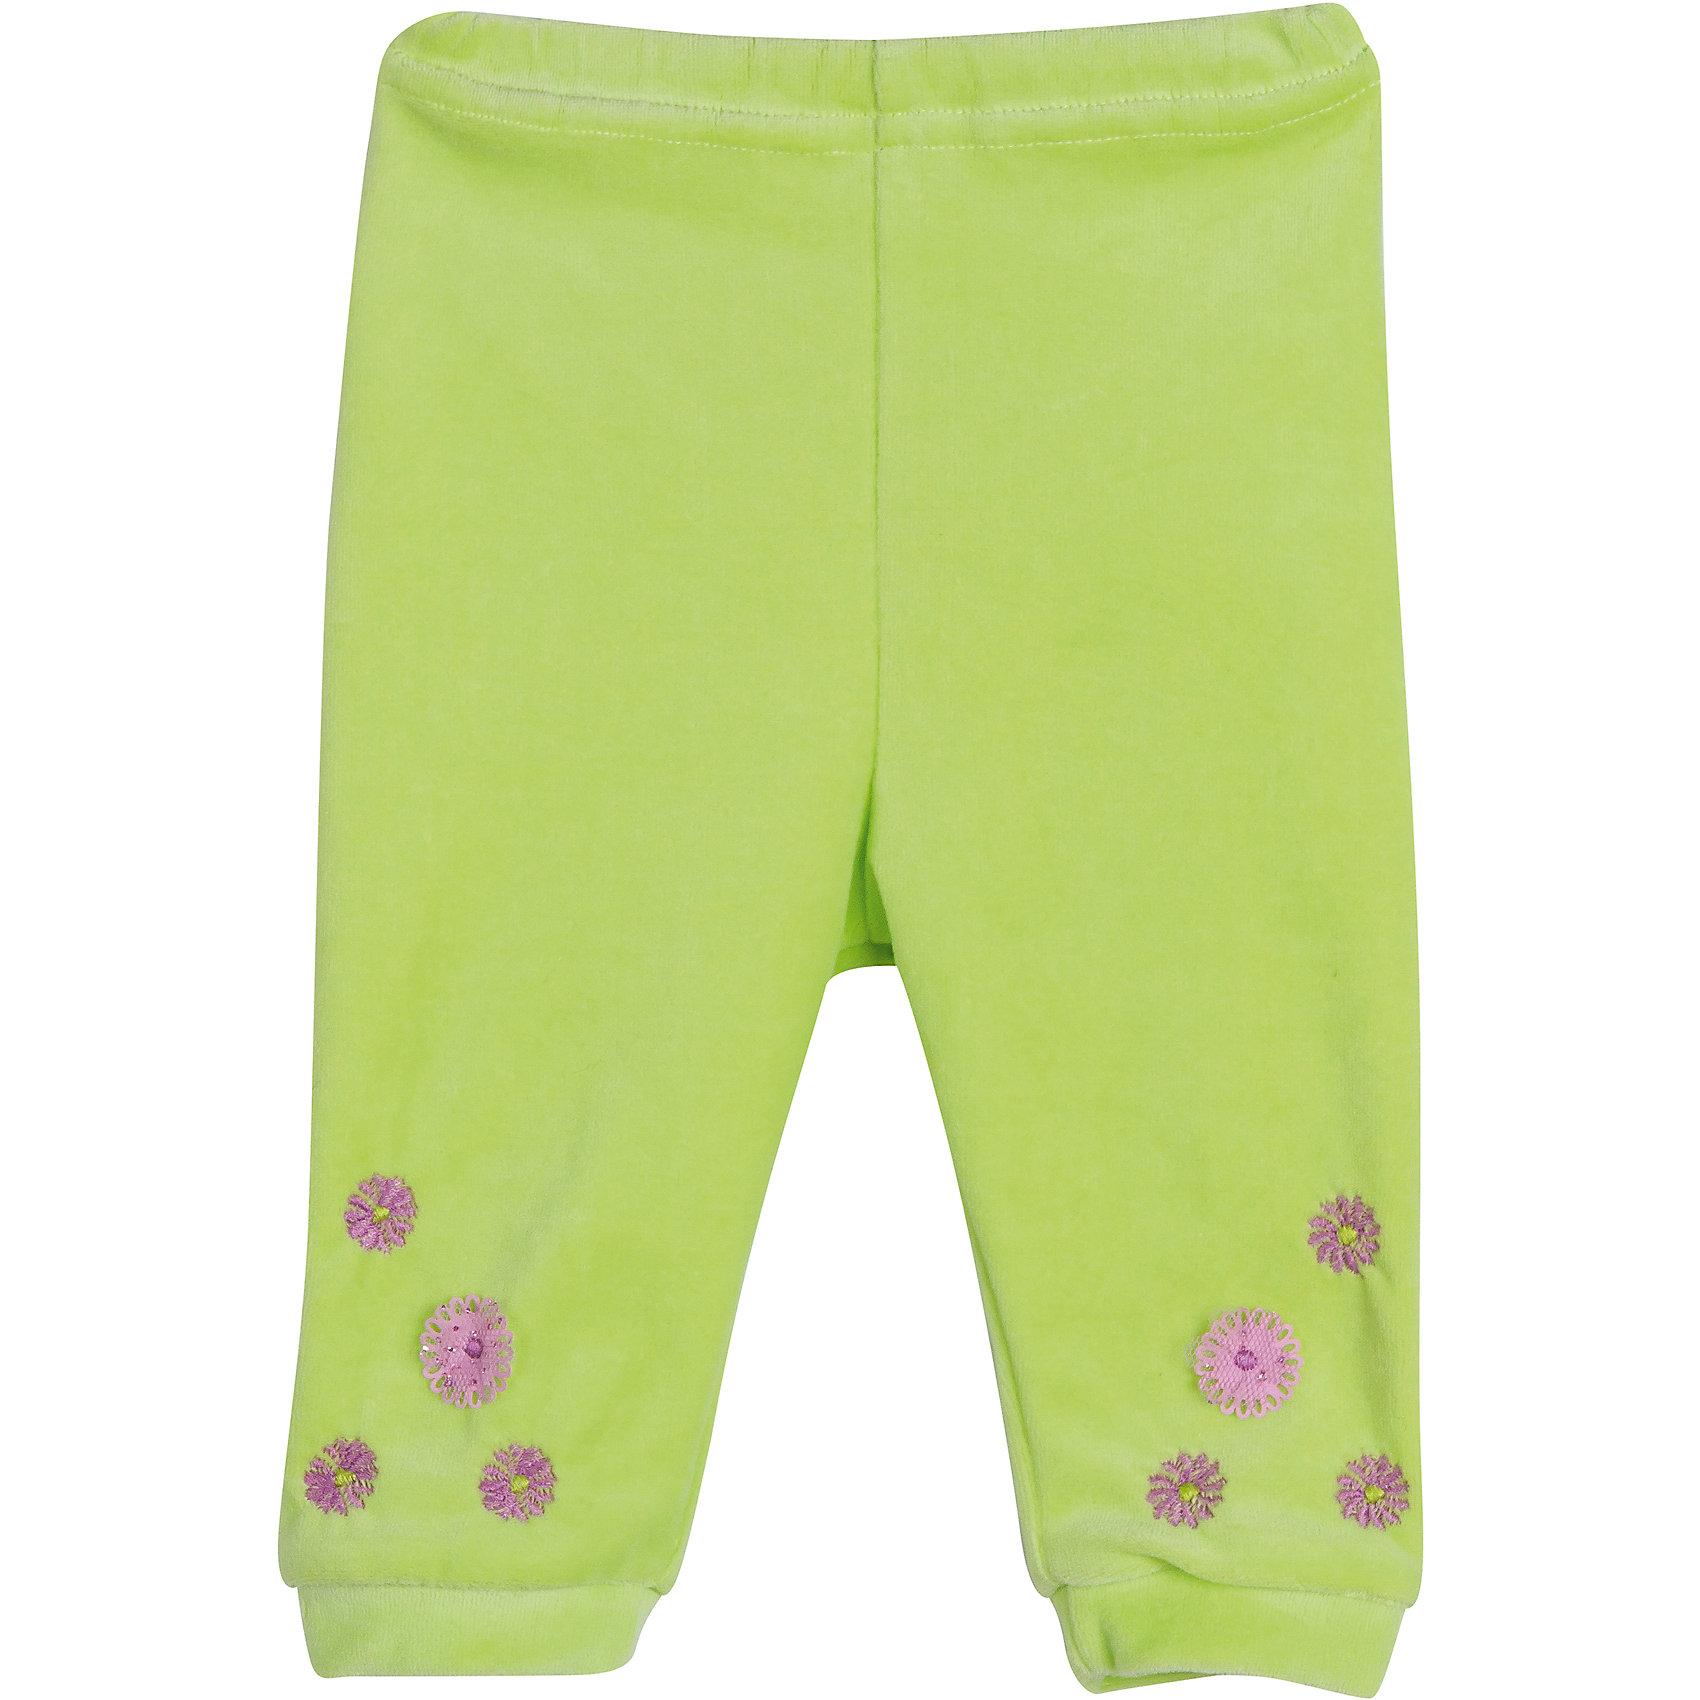 Брюки для девочки  для девочки БимошаПолзунки и штанишки<br>Брюки для девочки  для девочки от марки Бимоша.<br>Однотонные брюки без боковых швов для девочки выполнены из качественного материала (велюр). Модель дополнена  вышивкой,аппликацией. <br>Состав:<br>велюр 80% хлопок, 20% ПЭ.<br><br>Ширина мм: 157<br>Глубина мм: 13<br>Высота мм: 119<br>Вес г: 200<br>Цвет: зеленый<br>Возраст от месяцев: 3<br>Возраст до месяцев: 6<br>Пол: Женский<br>Возраст: Детский<br>Размер: 68,74,86,80,62<br>SKU: 4579521